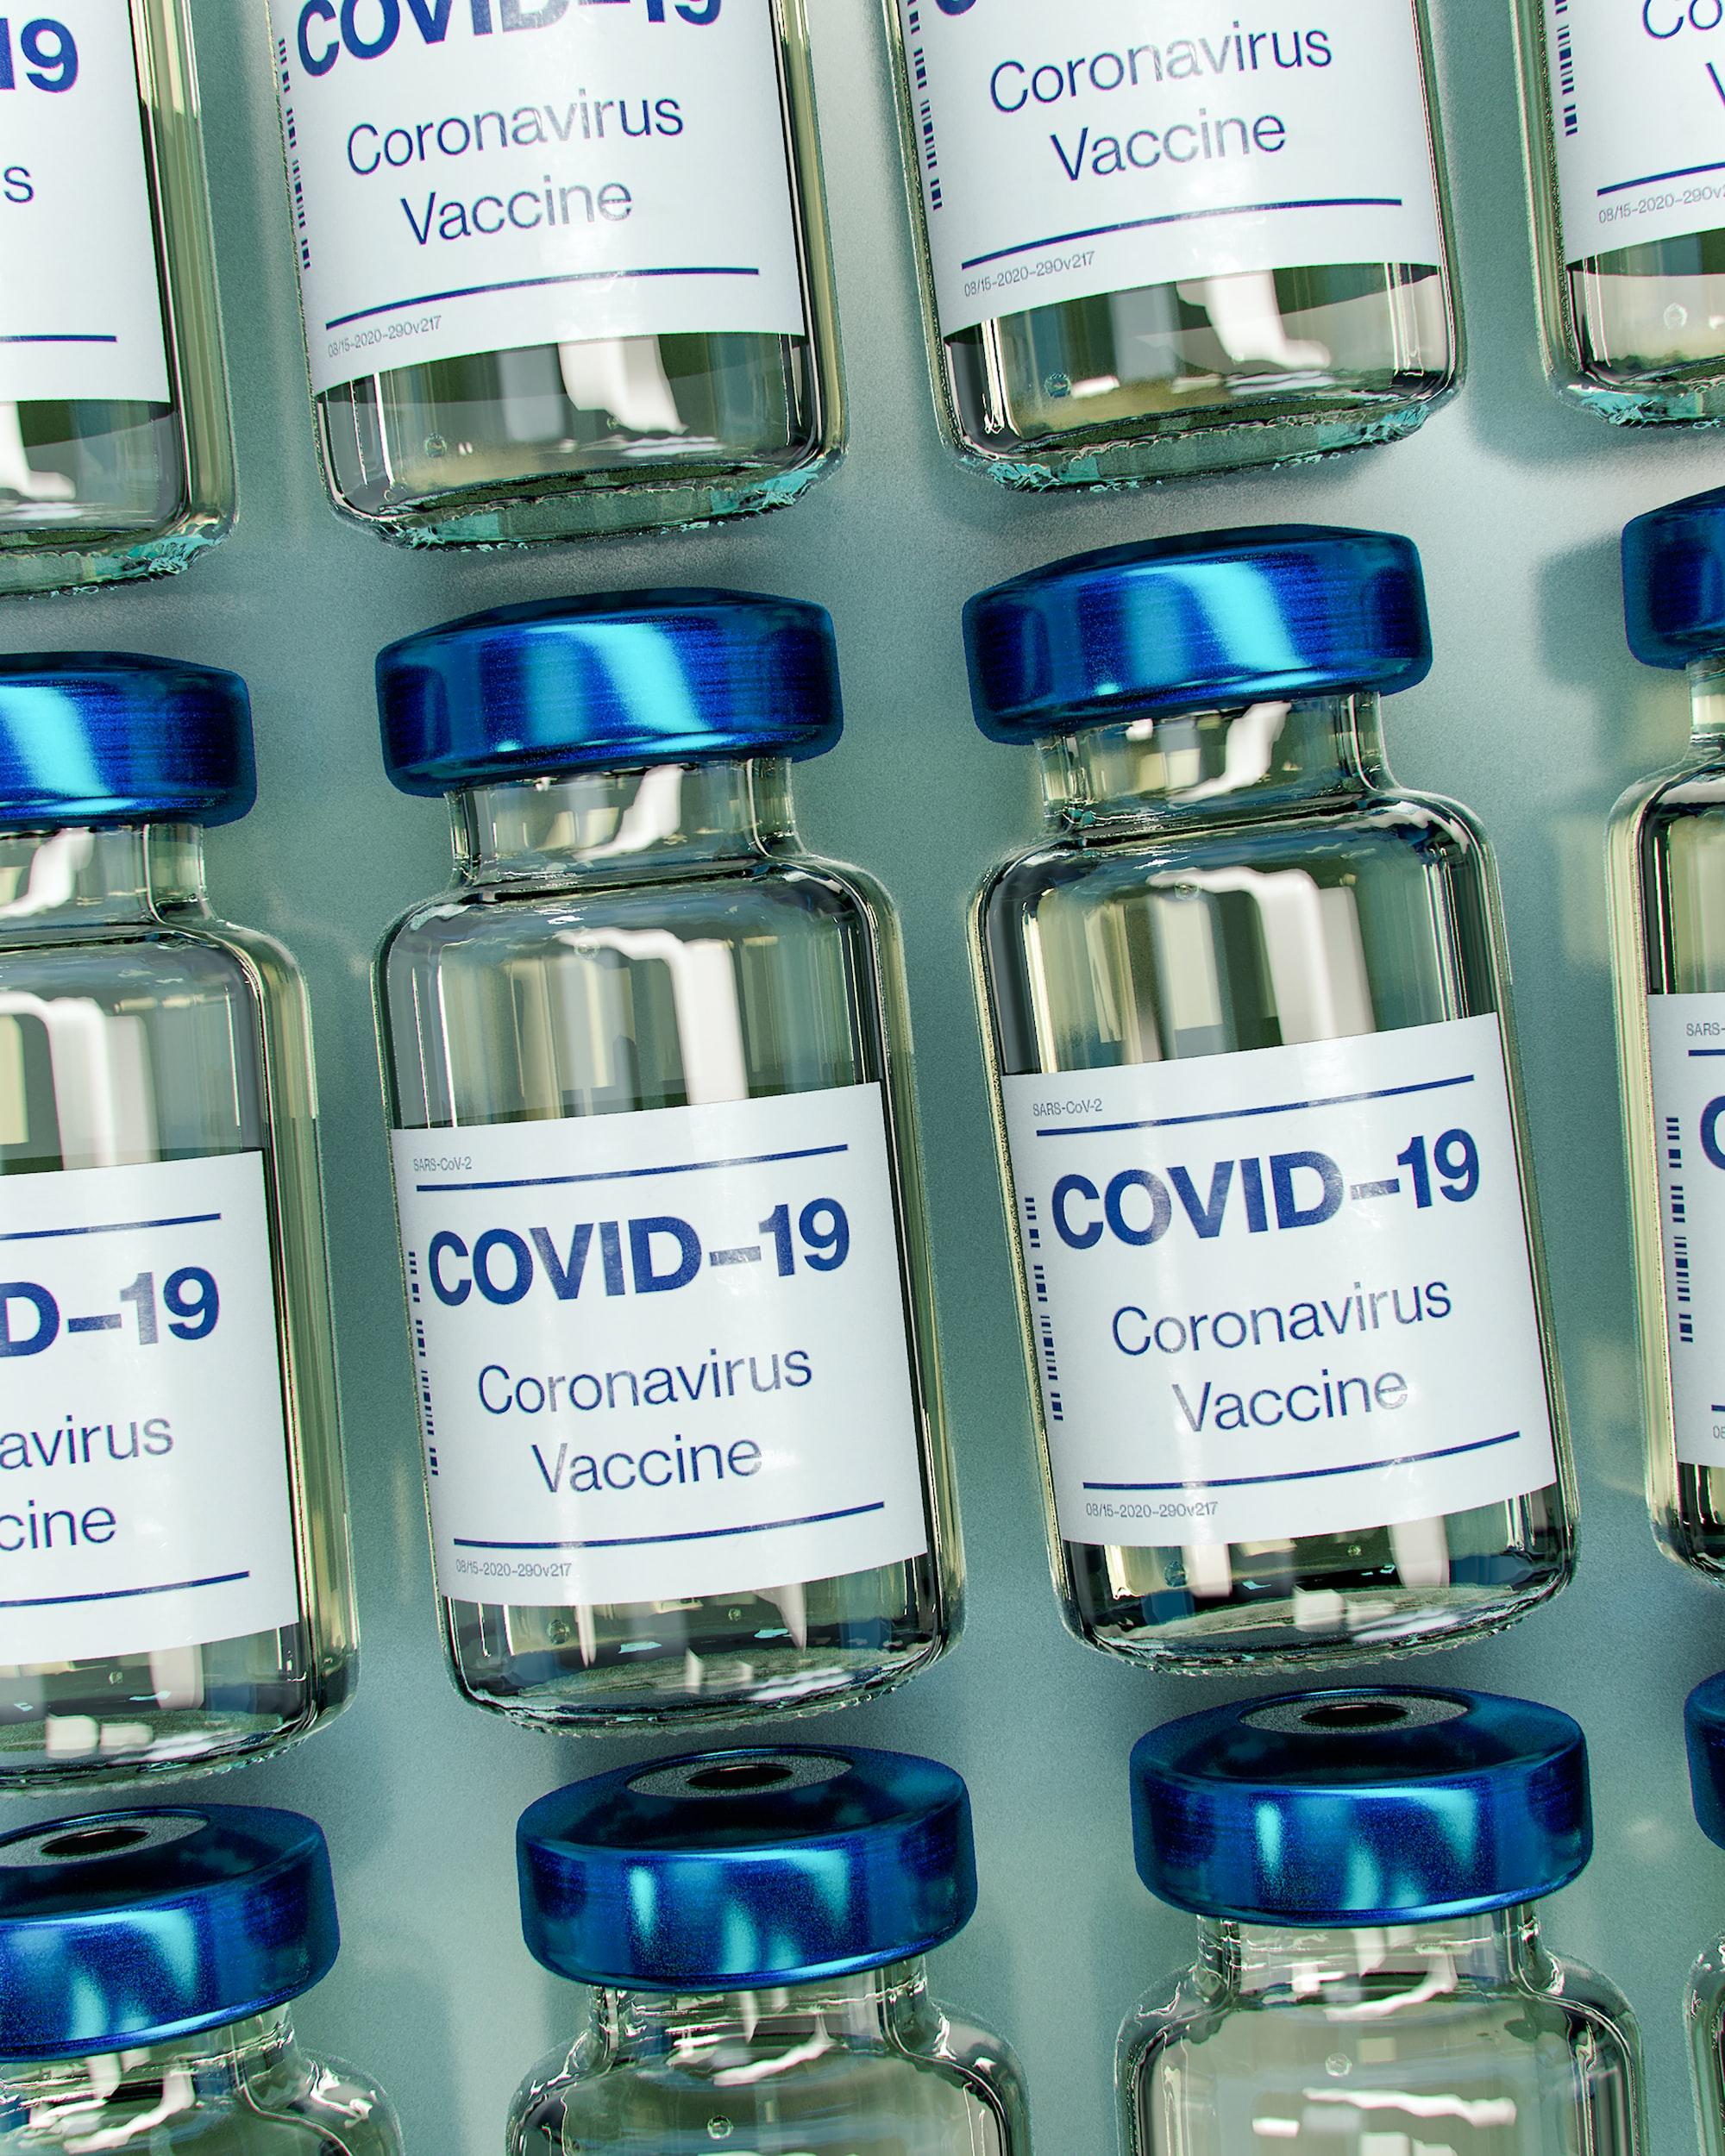 恐懼不會讓你免疫!  我剛打了新冠病毒疫苗第二劑(上)